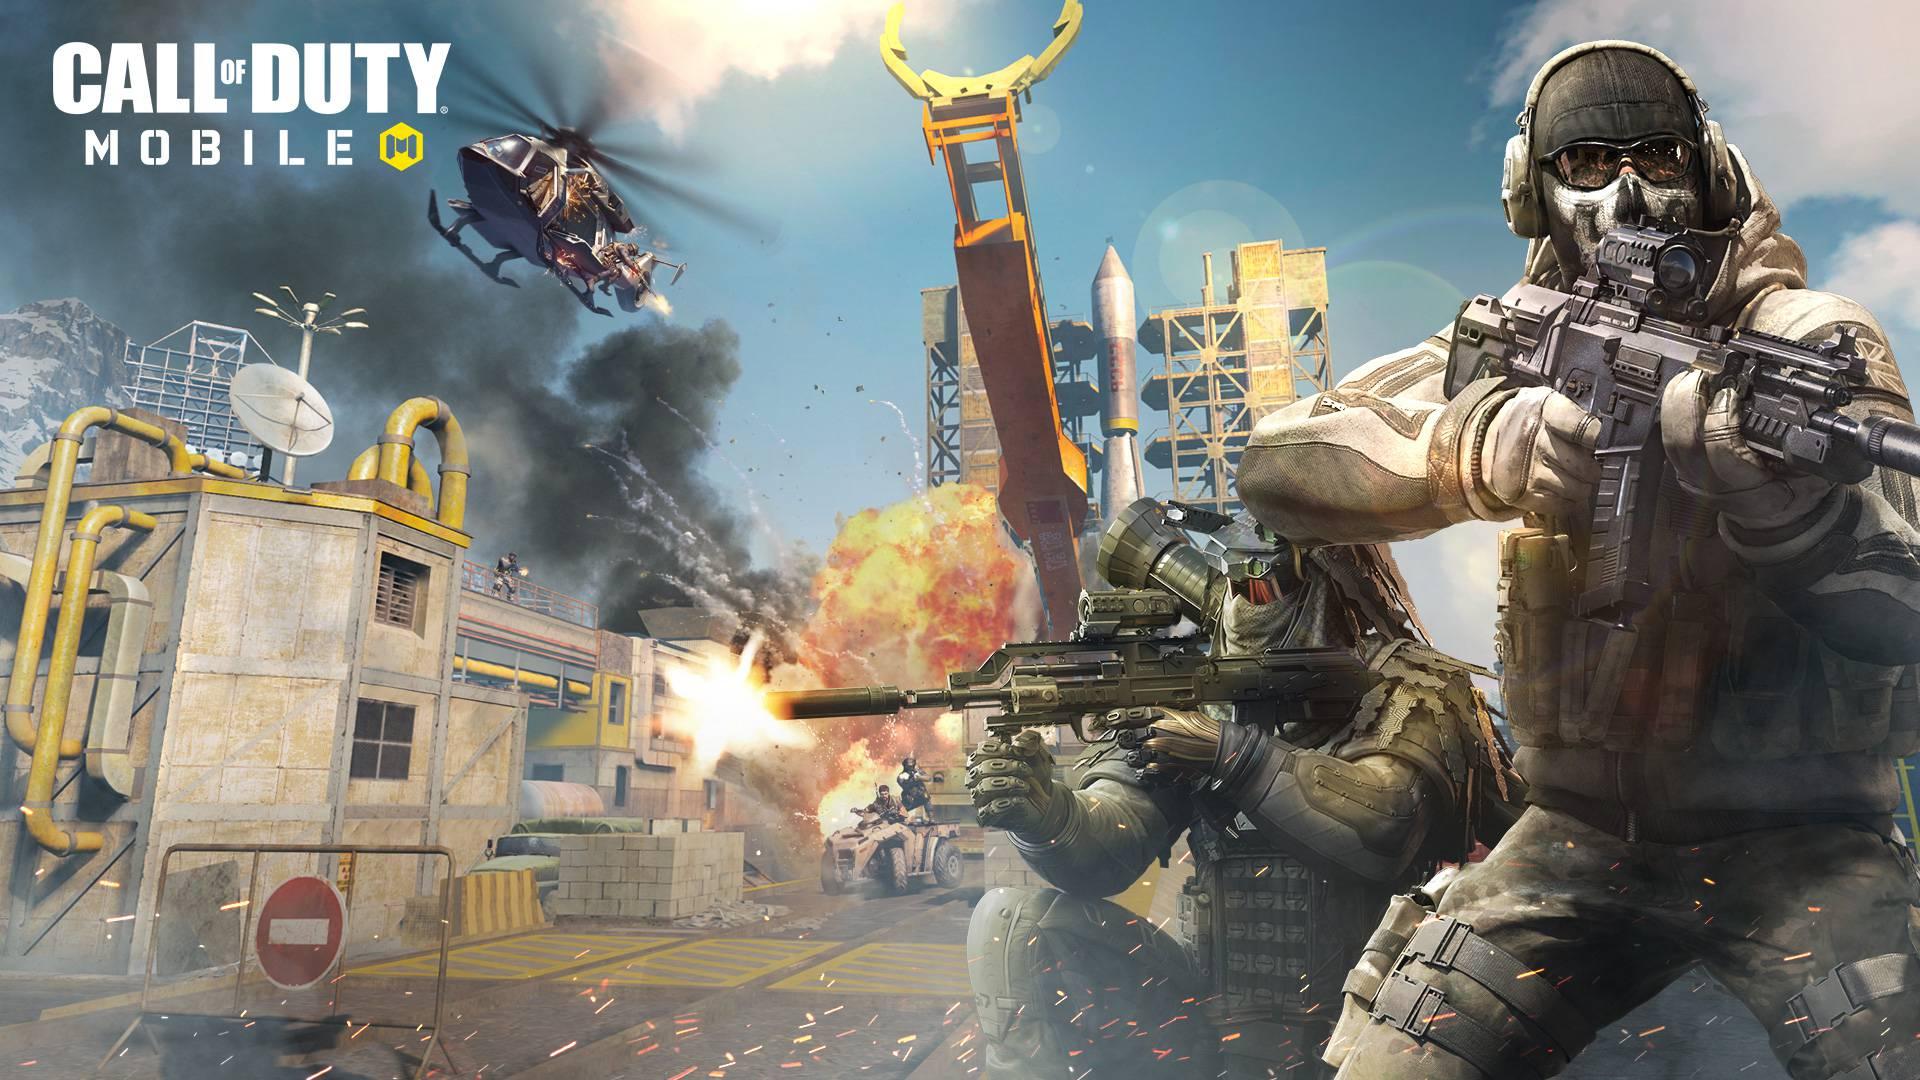 Call of Duty ruši rekorde: Igra ga više od 100 milijuna ljudi